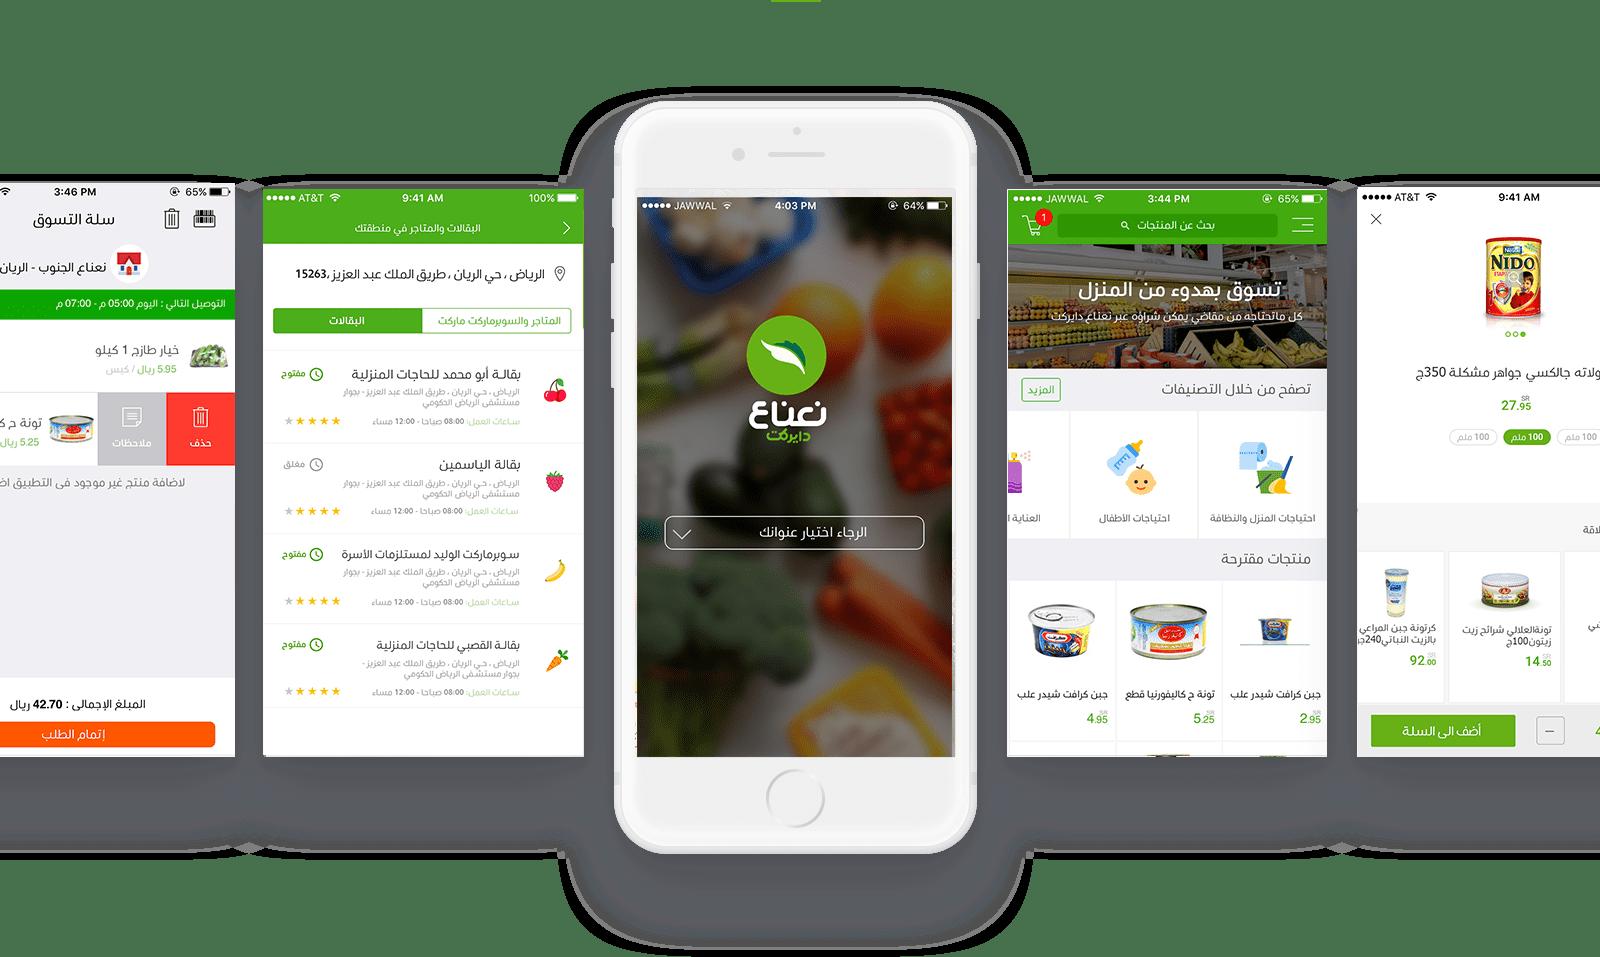 تطبيق Nana Direct لطلب وتوصيل المقاضي والخضروات داخل السعودية - Android iOS